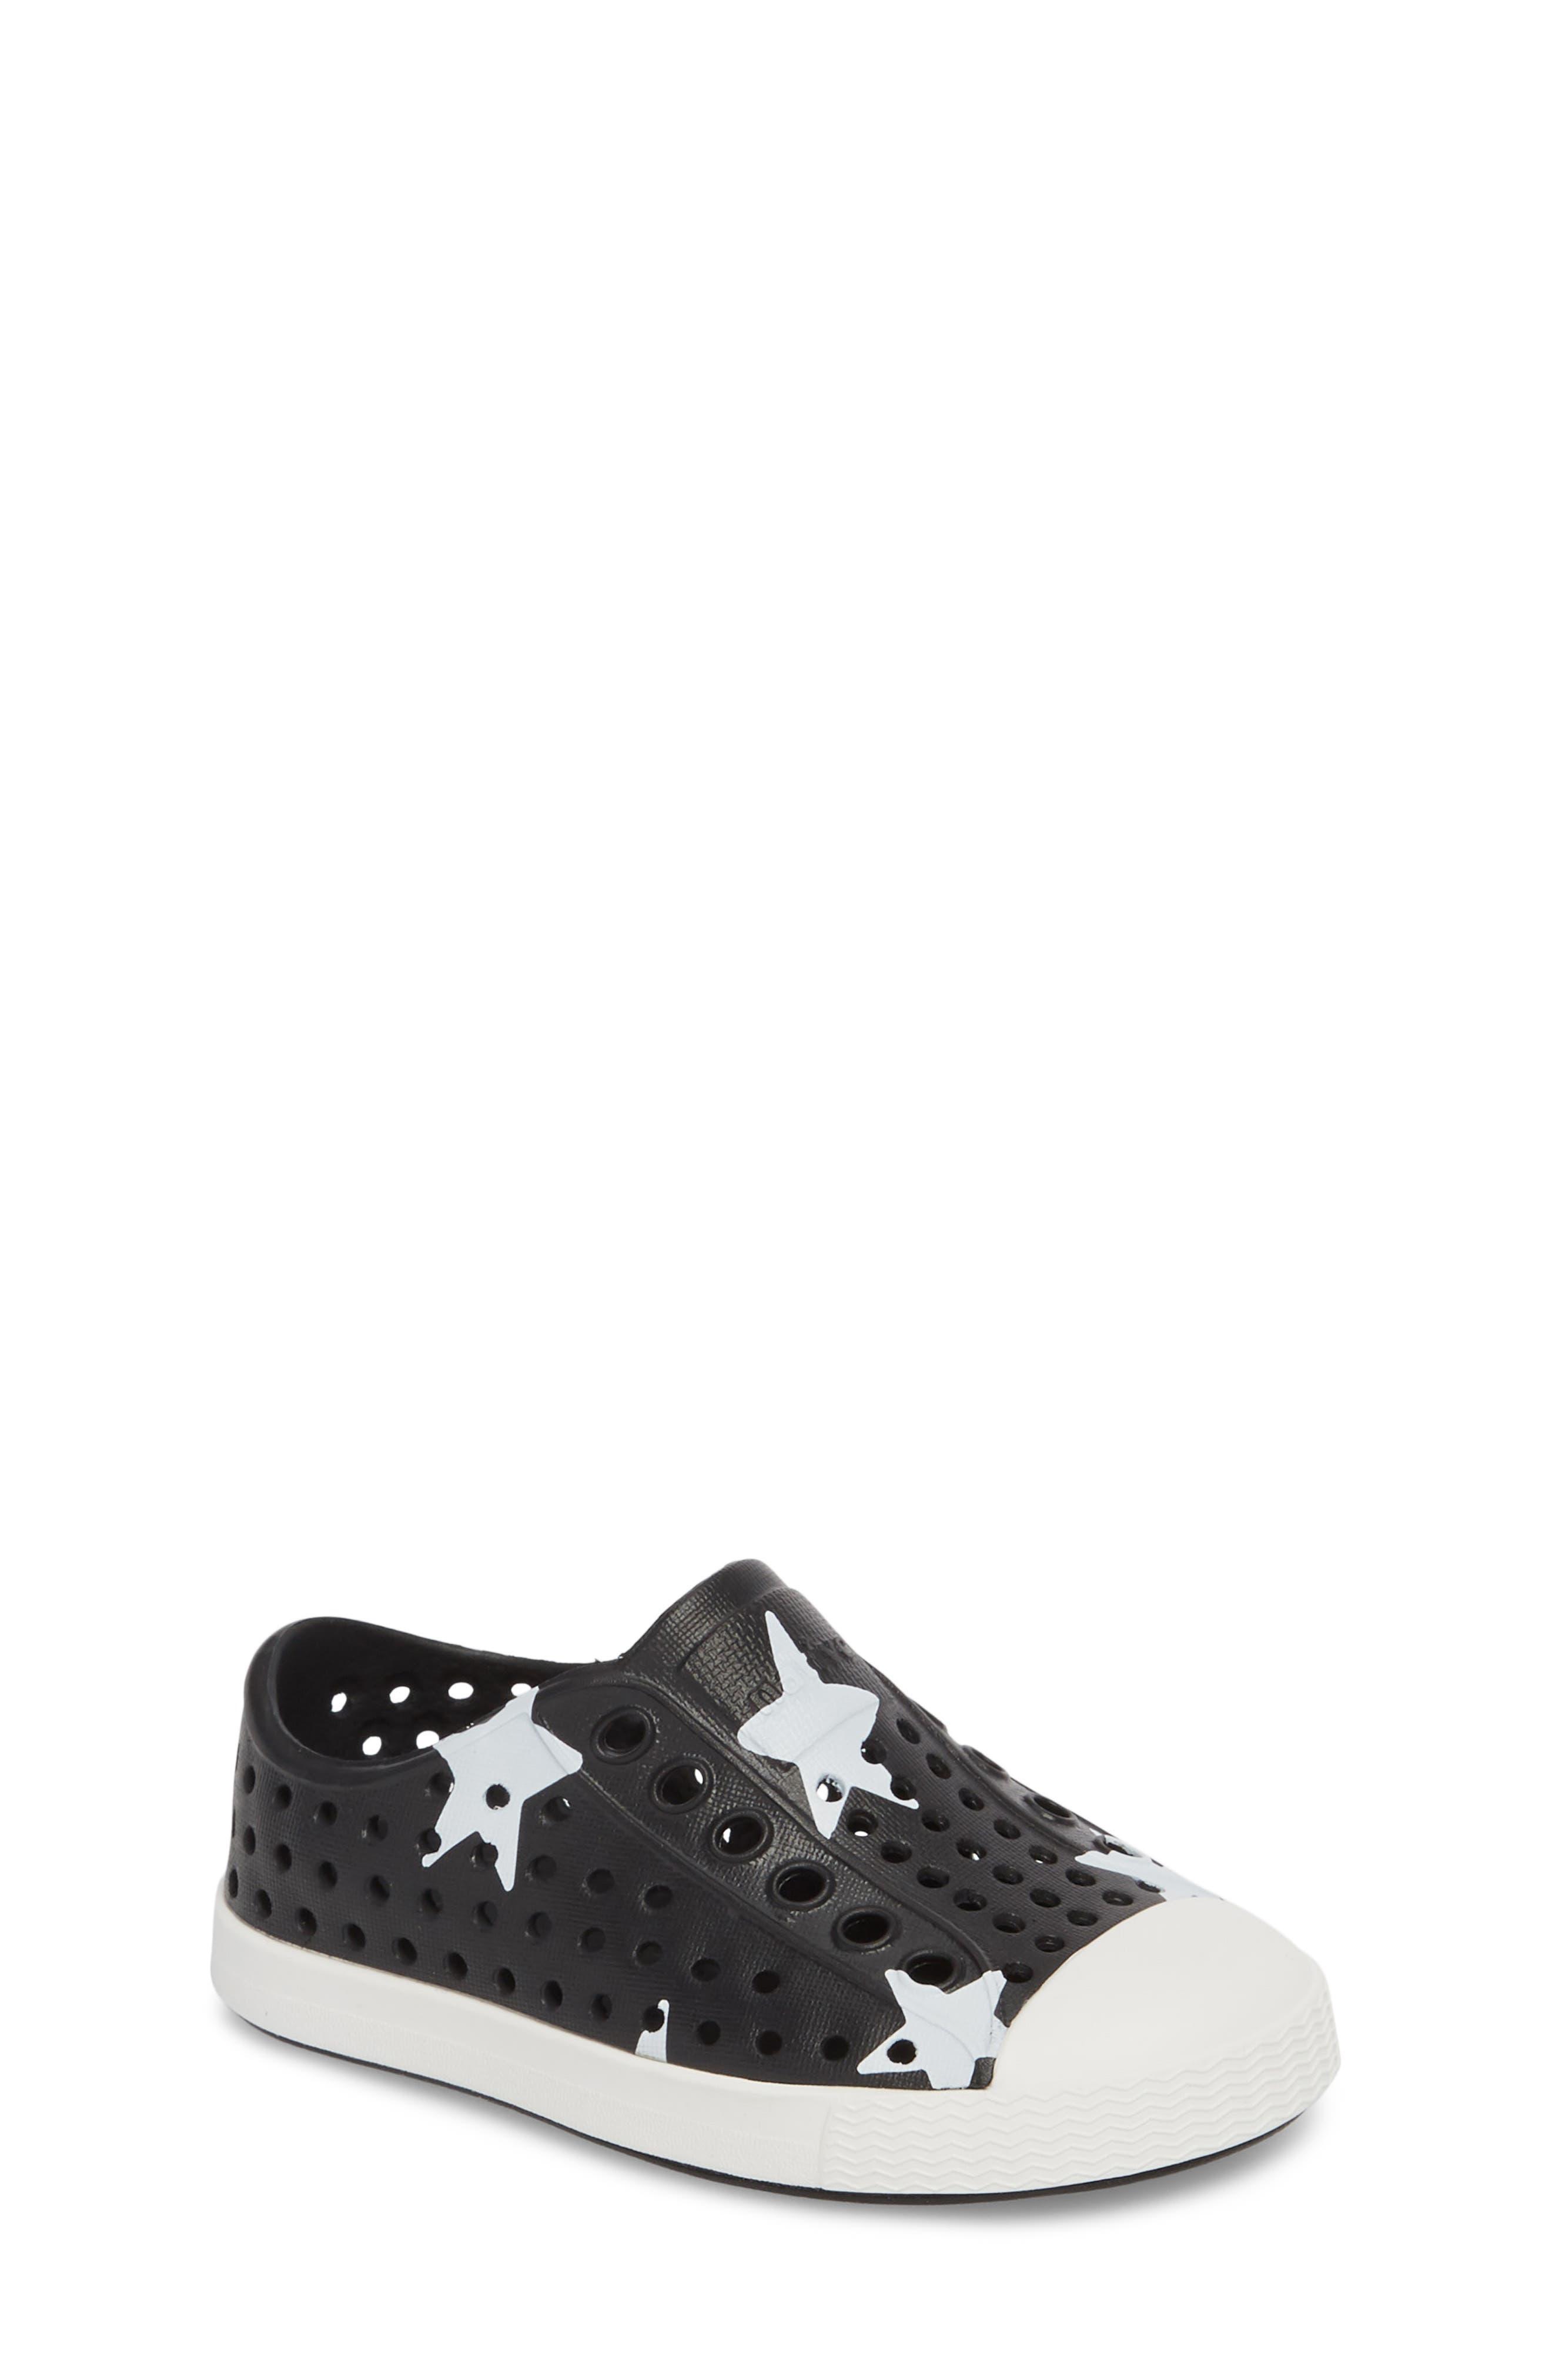 Native Shoes Jefferson Quartz Slip-On Sneaker (Baby, Walker, Toddler & Little Kid)